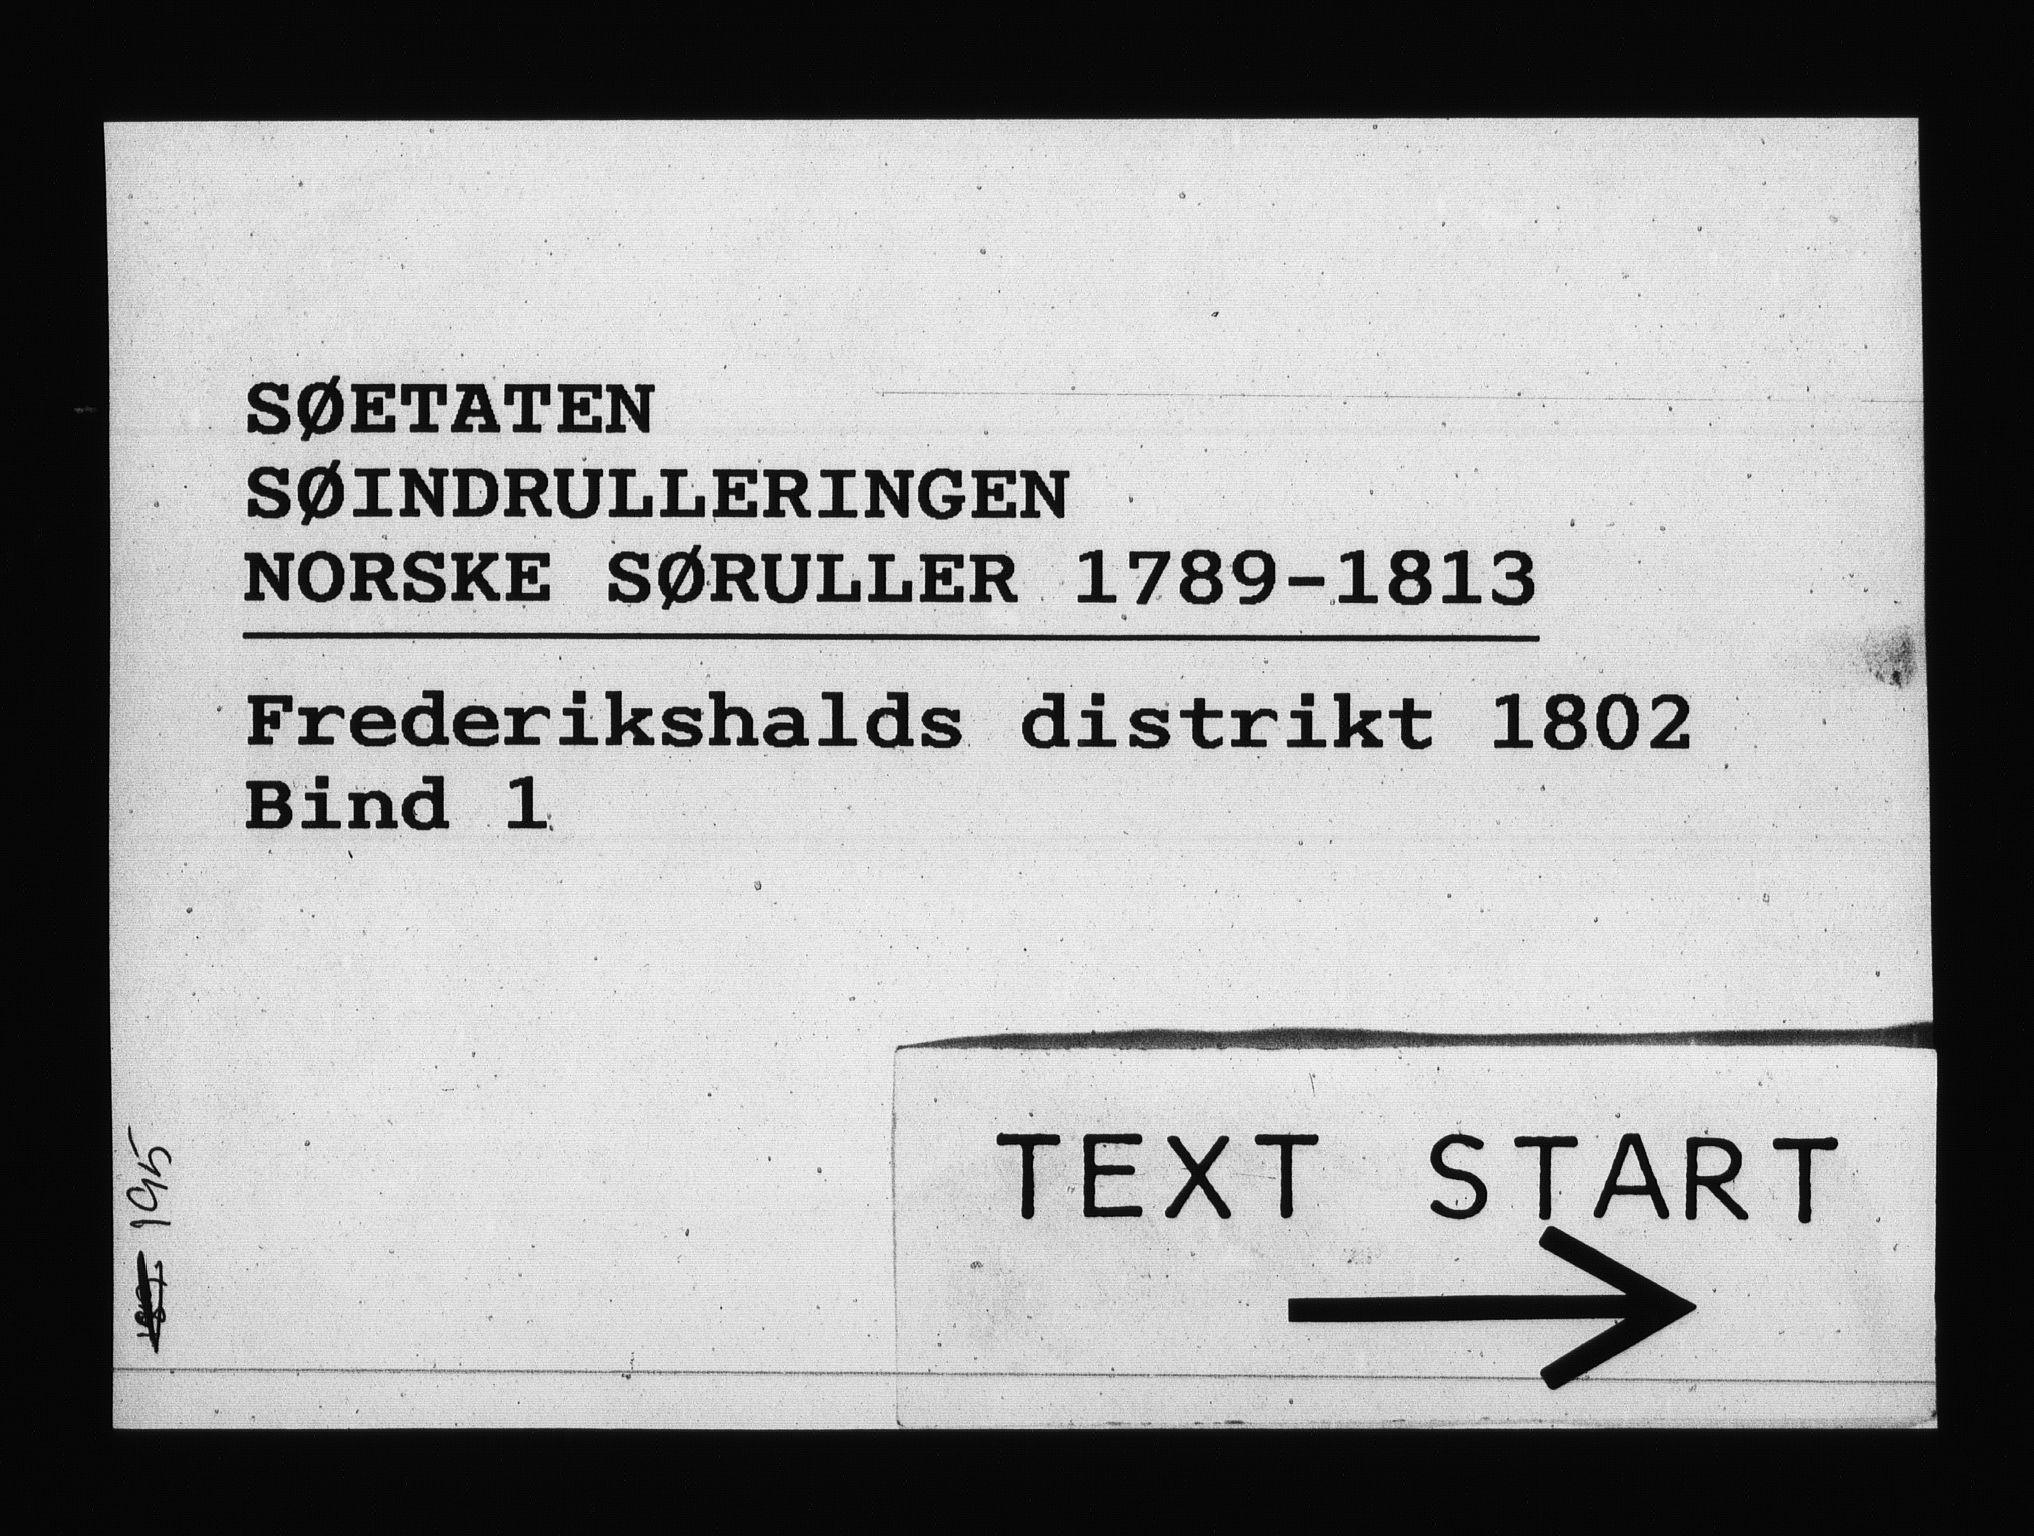 RA, Sjøetaten, F/L0196: Fredrikshalds distrikt, bind 1, 1802